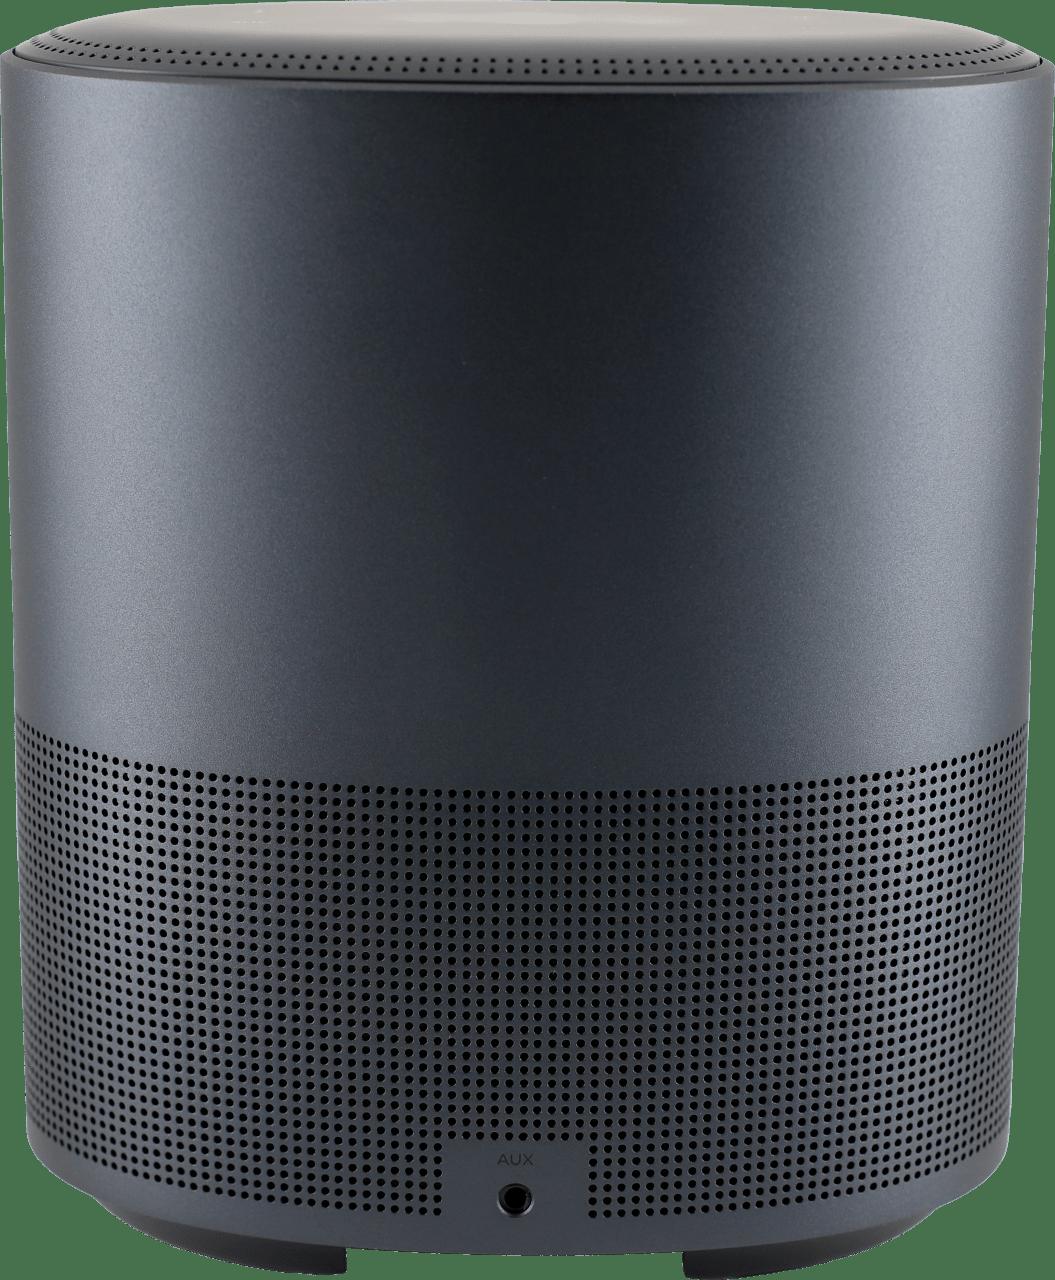 Schwarz BOSE Home Speaker 500 - Smart Speaker.4